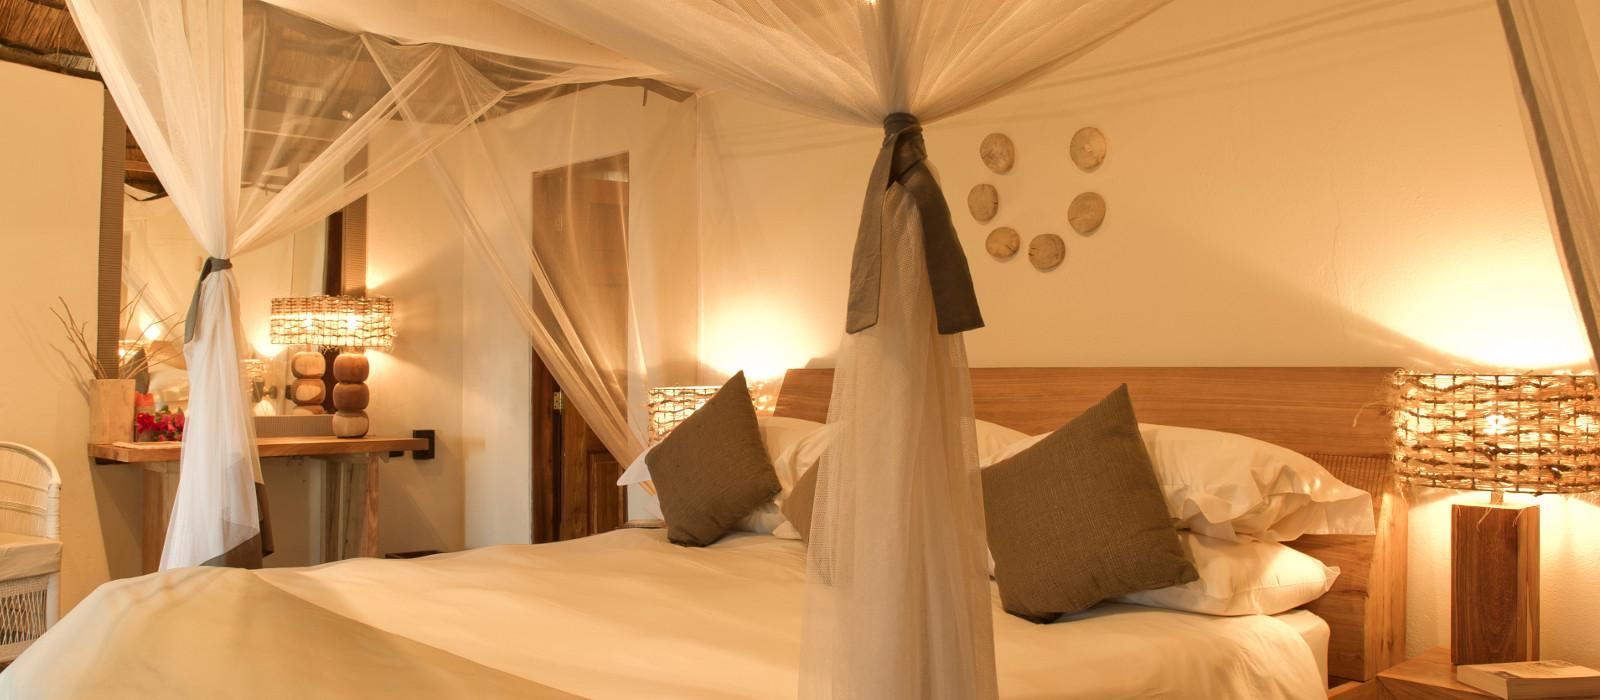 Hotel Kanyemba Island Bush Camp Zambia